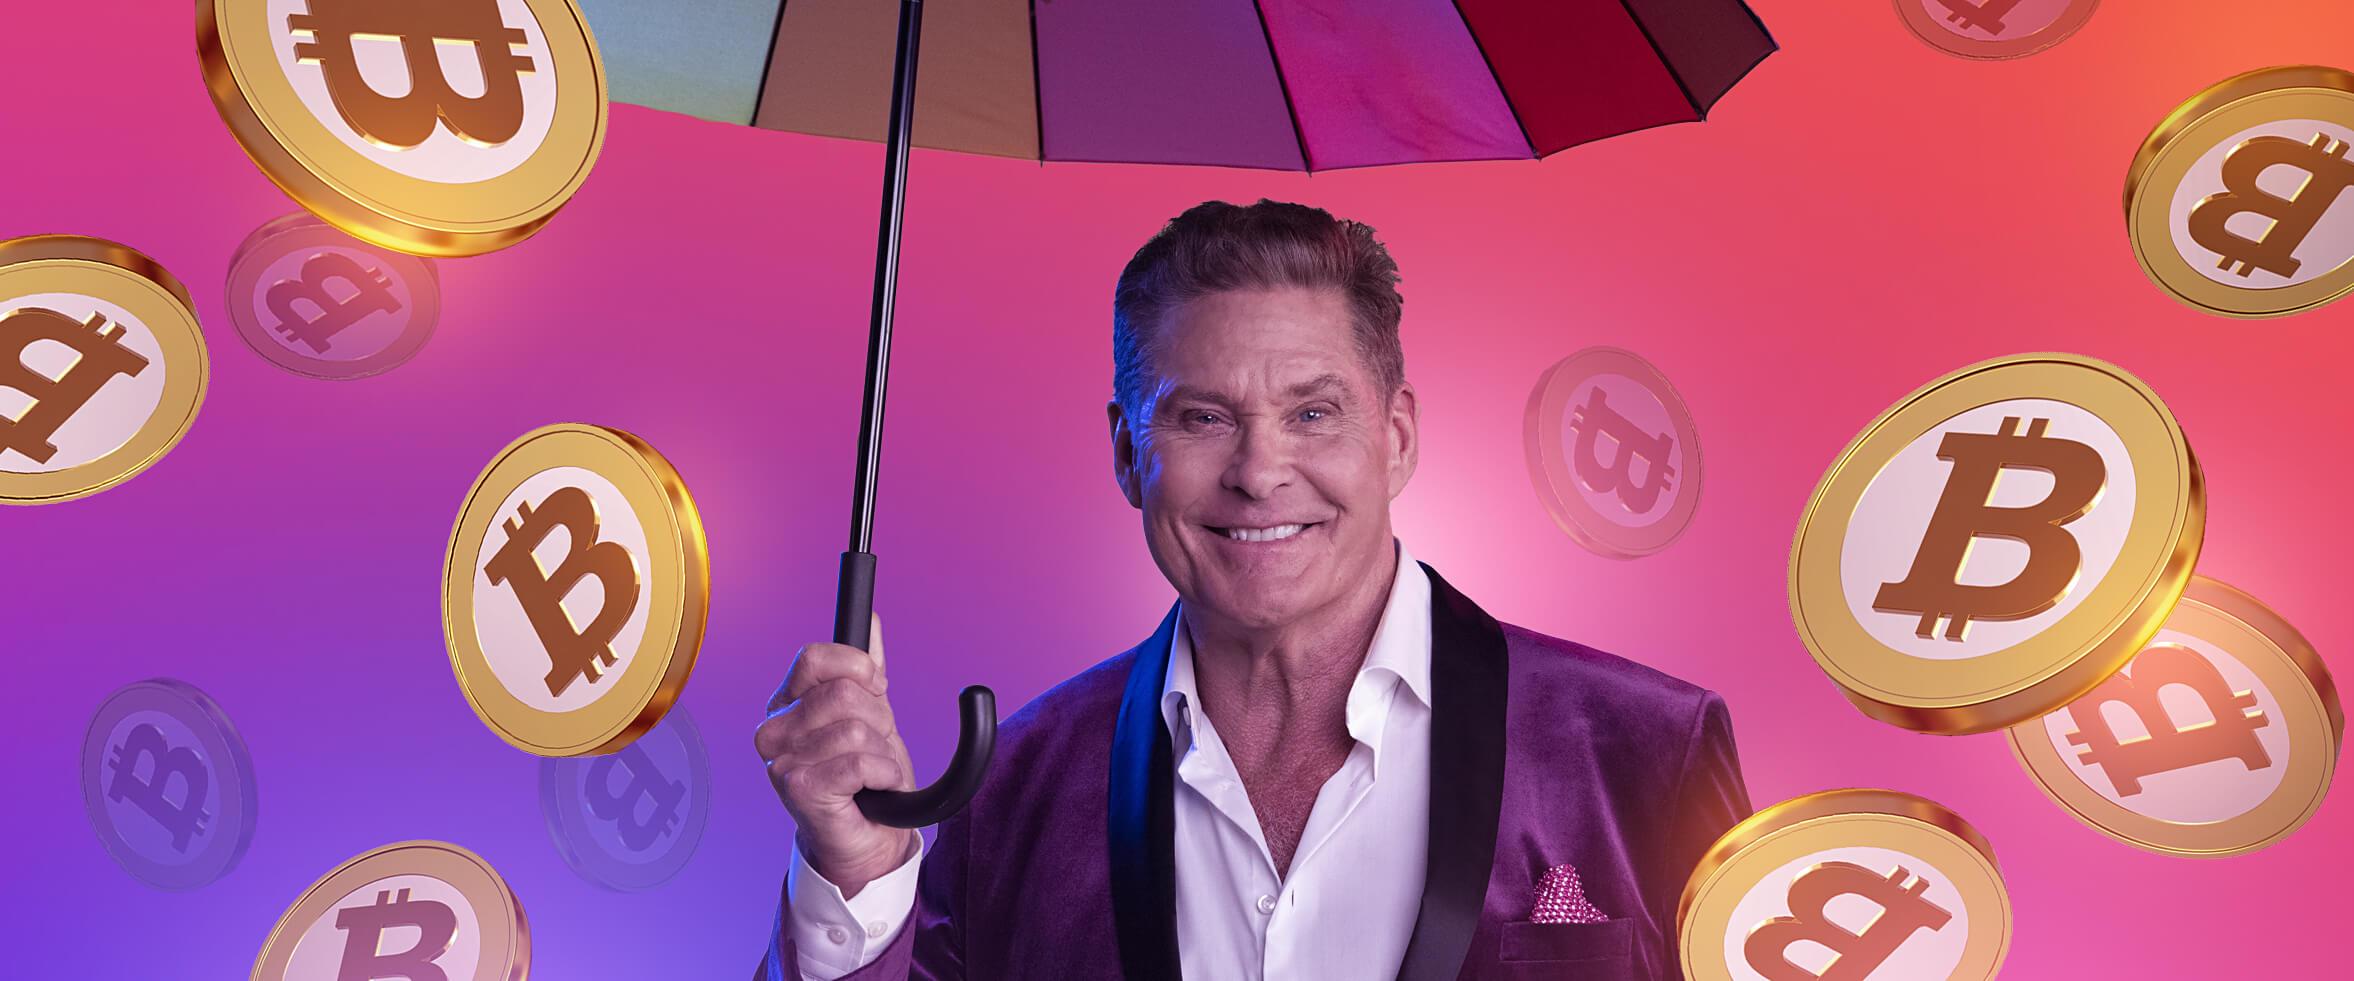 Tule mukaan Bitcoin-villitykseen Wheelzillä